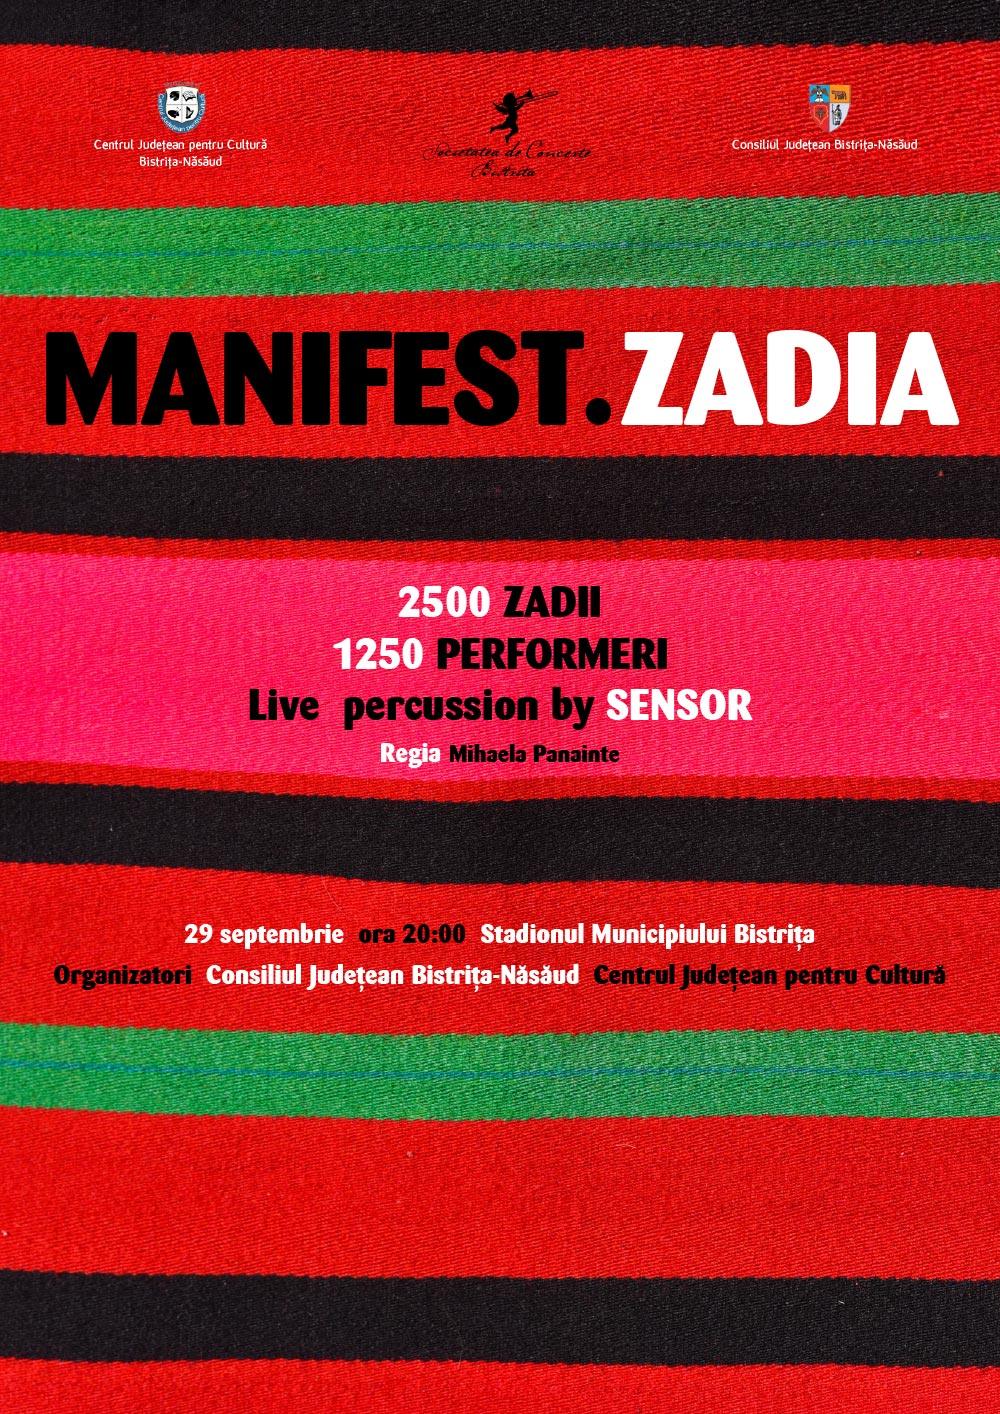 poster-zadii-2015